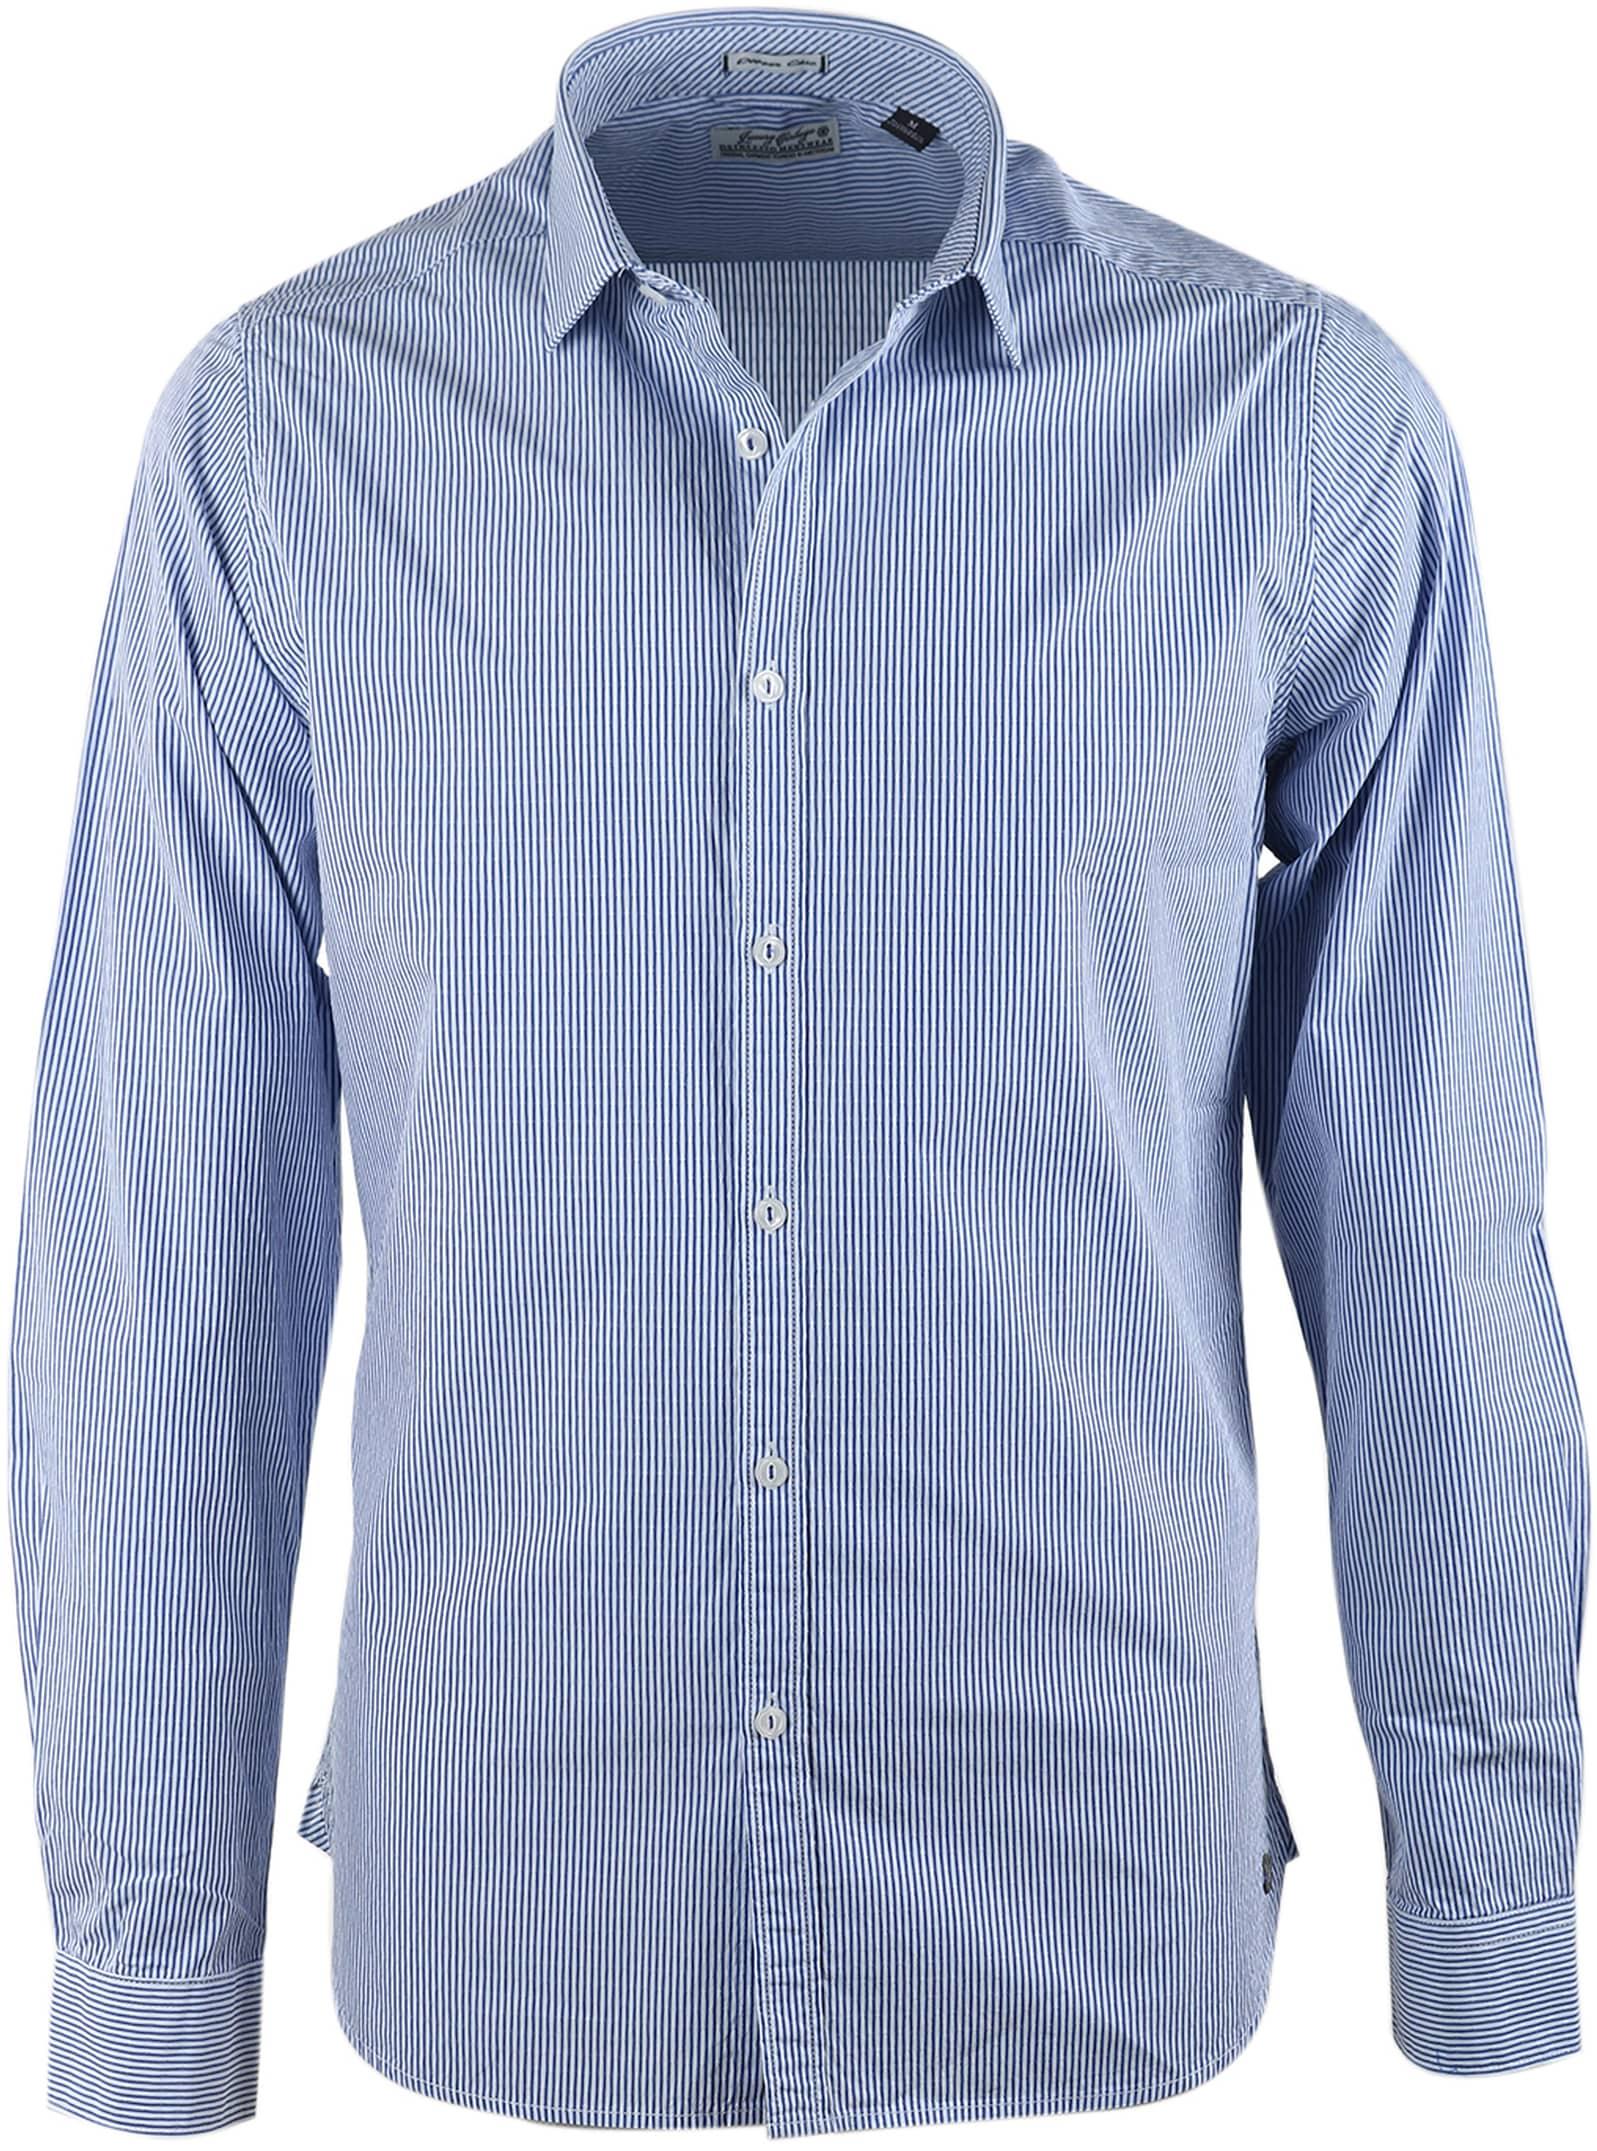 Dstrezzed Hemd Blau Streifen Foto 0